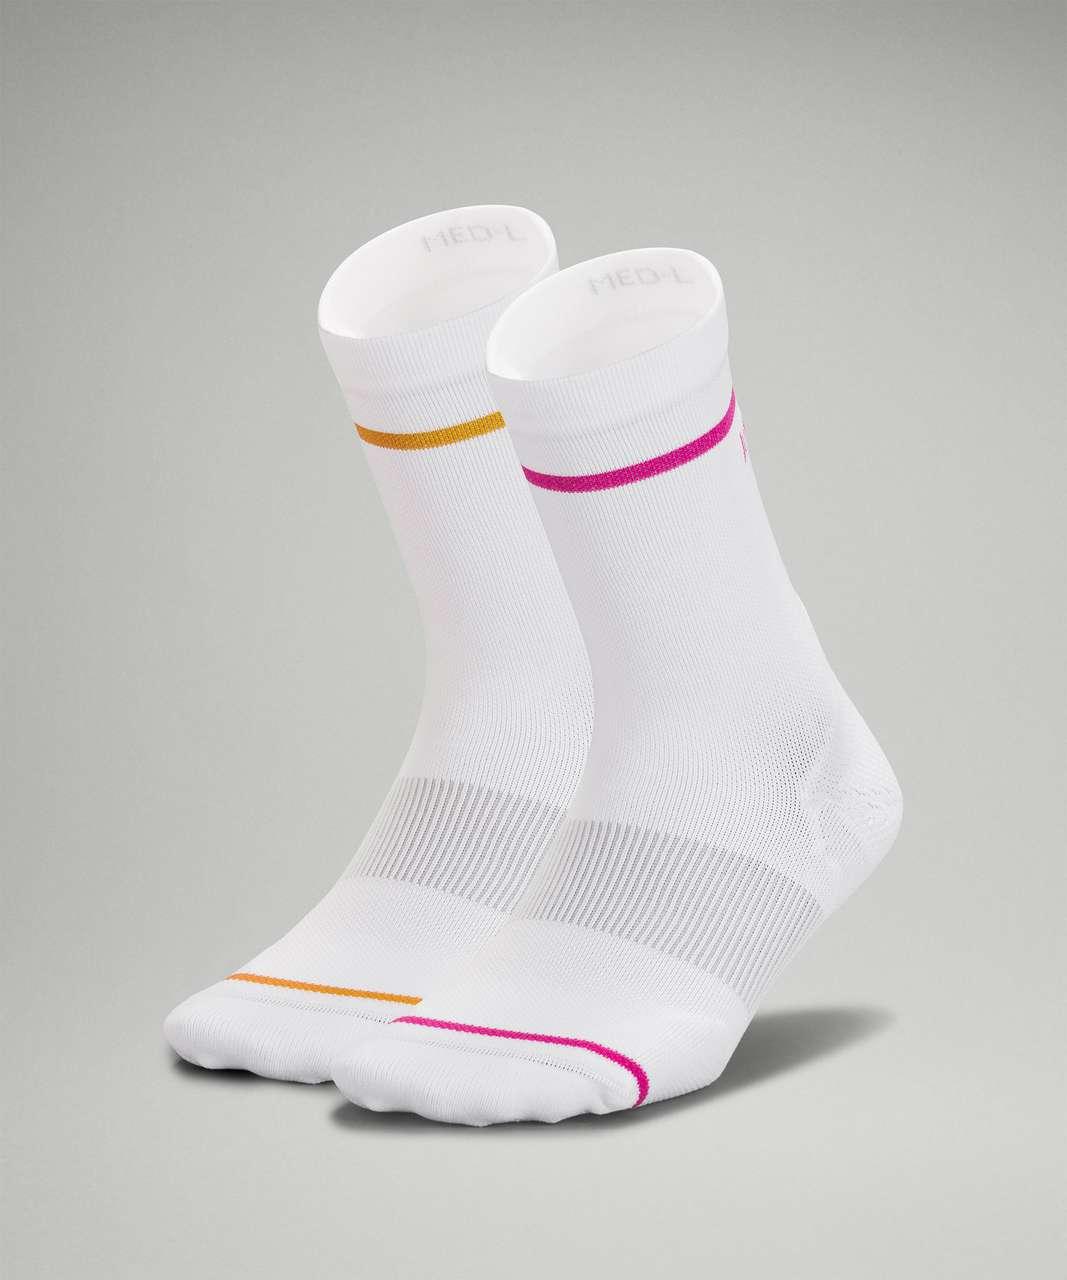 Lululemon Power Stride Crew Sock *2 Pack - White / Clementine